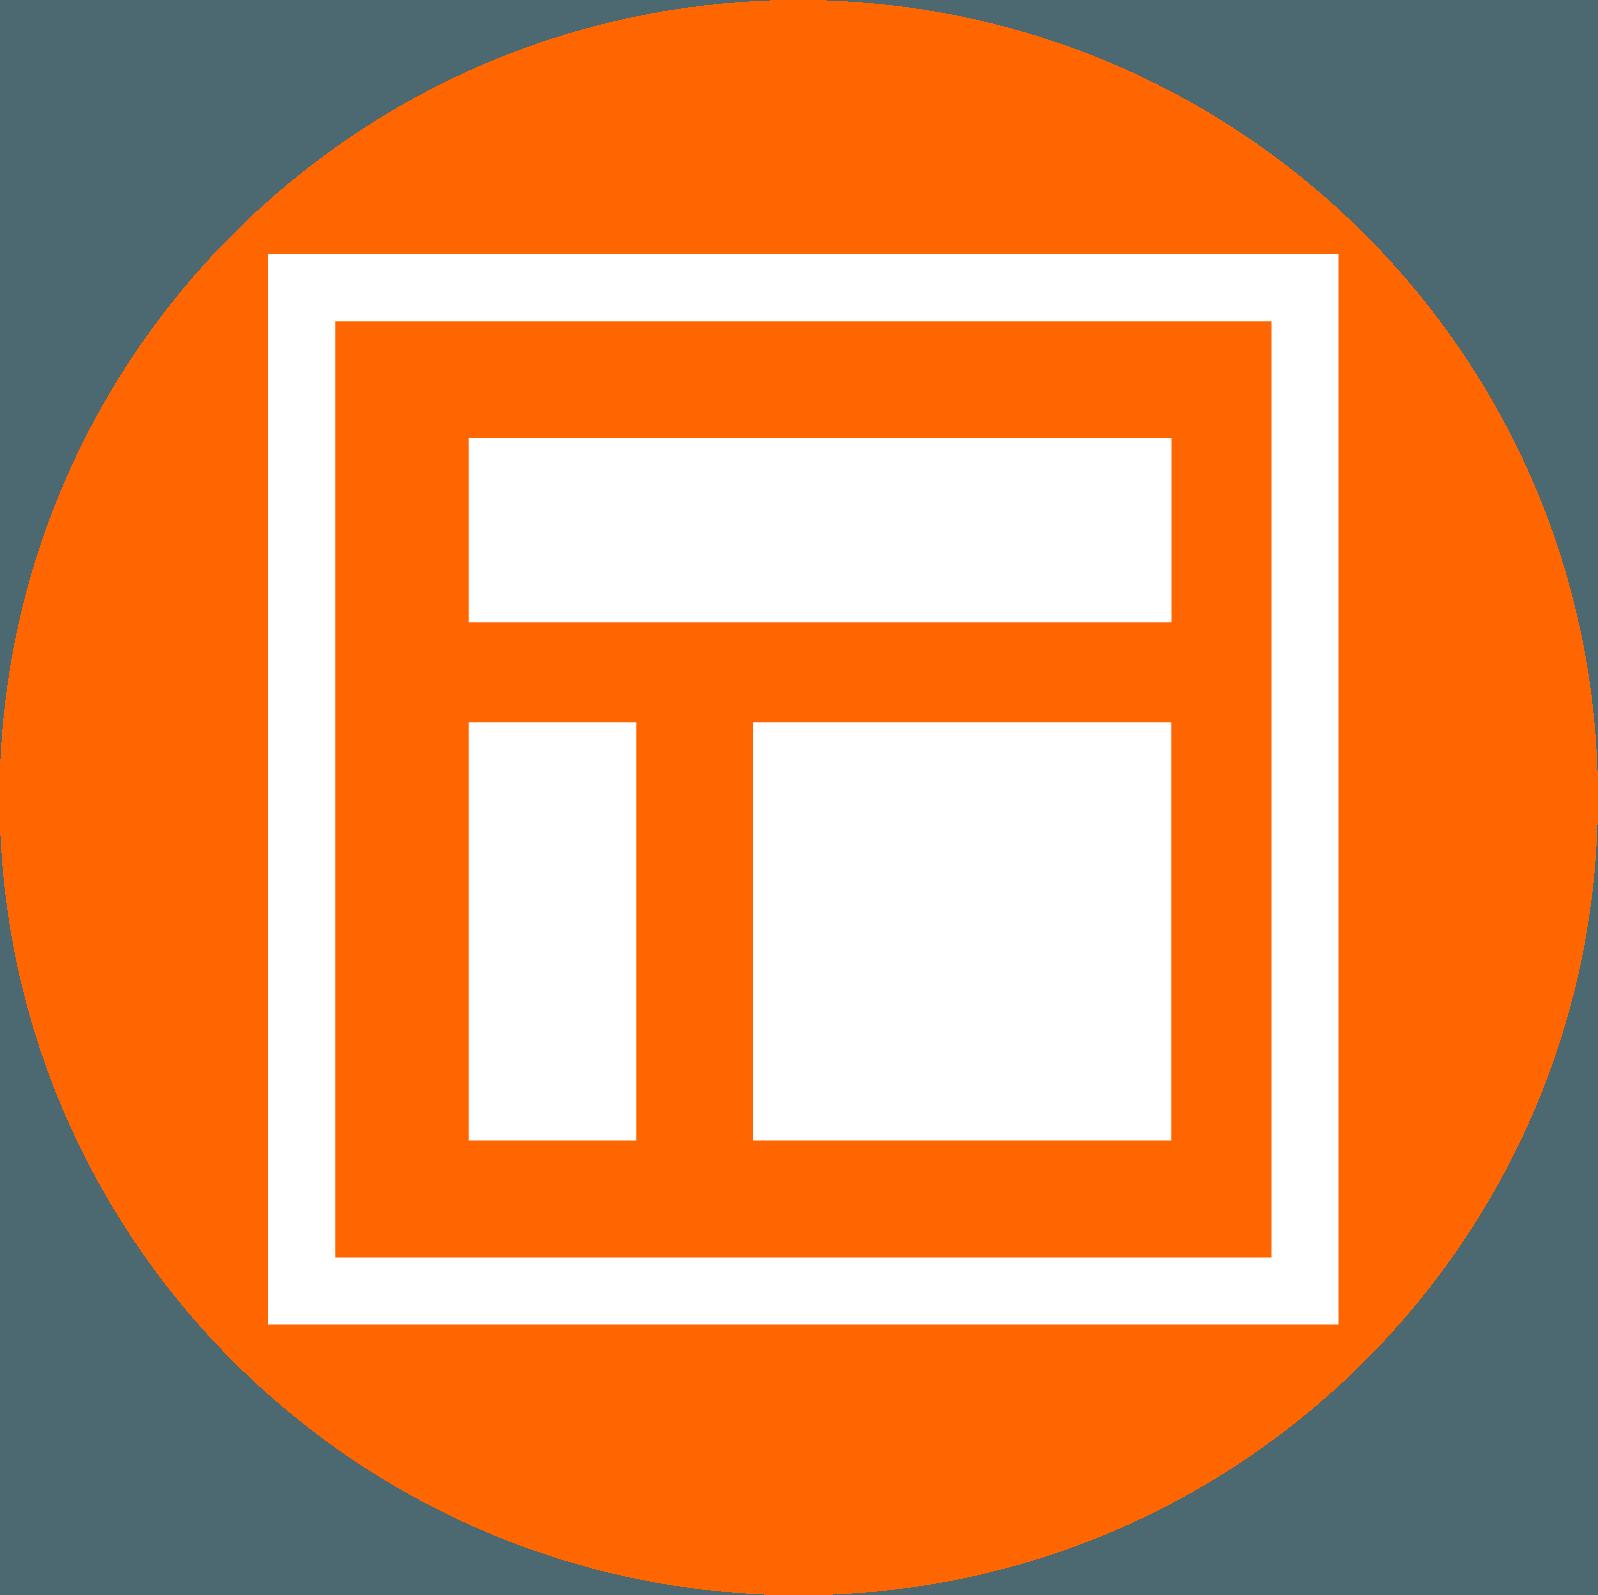 HubSpot Design